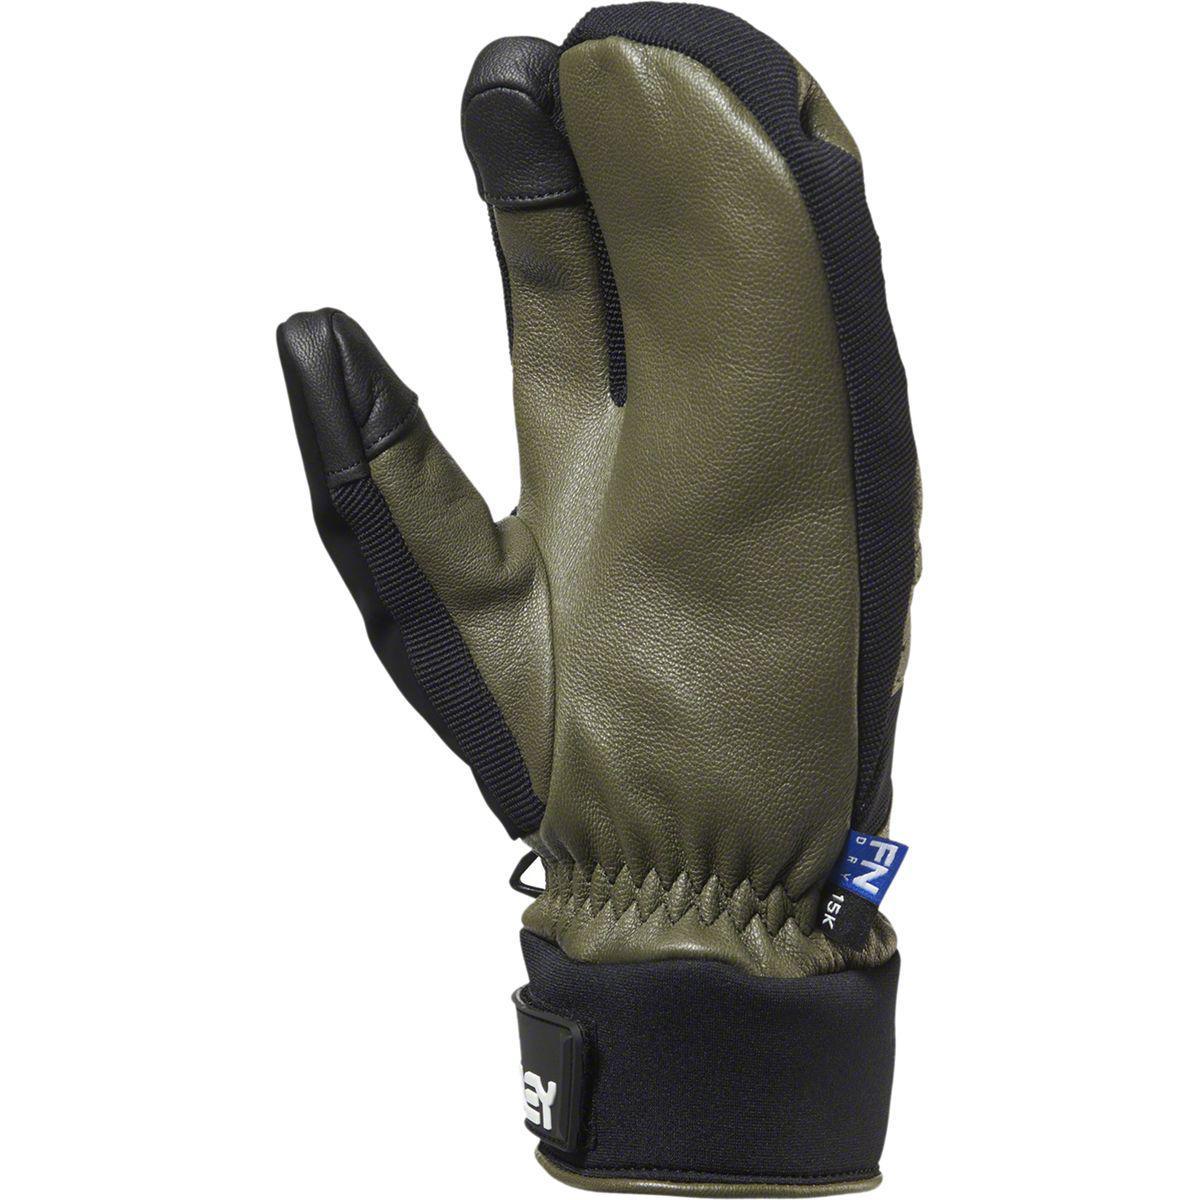 d1fe8ce52b77e Lyst - Oakley Factory Winter 2 Trigger Mitten for Men